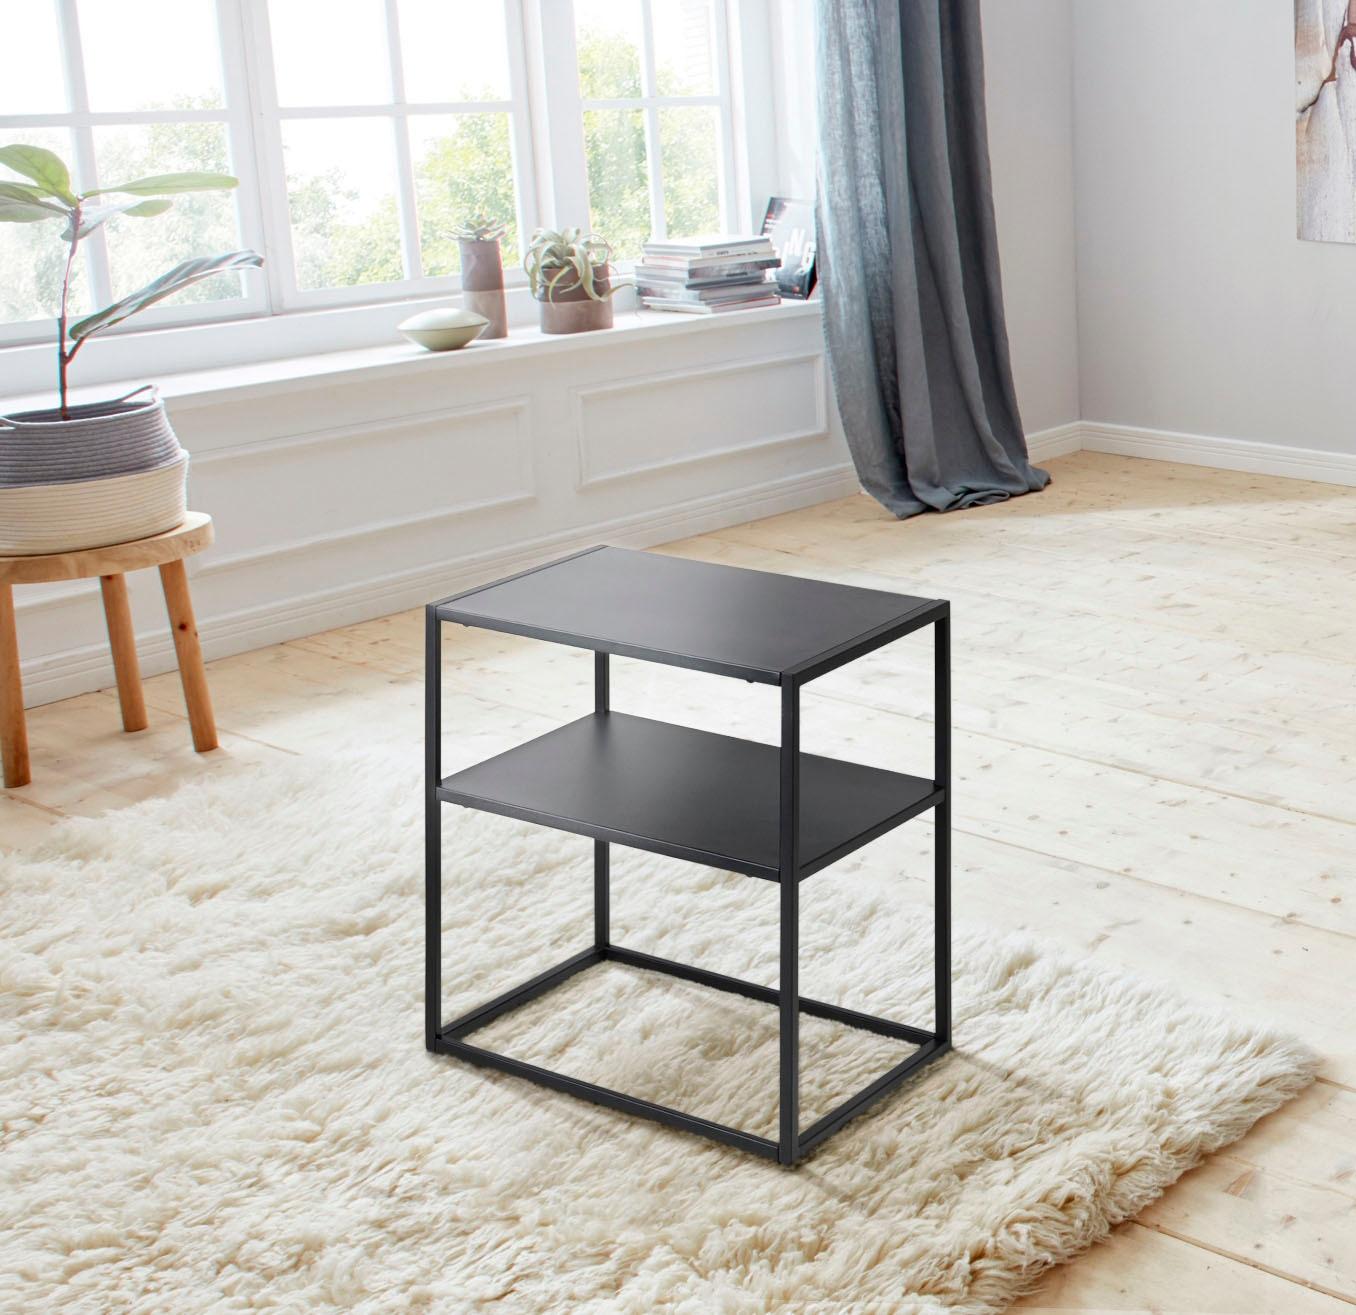 Image of andas Nachttisch »Vilho«, aus einem schönen weissen Metallgestell und einer Ablegemöglichkeit